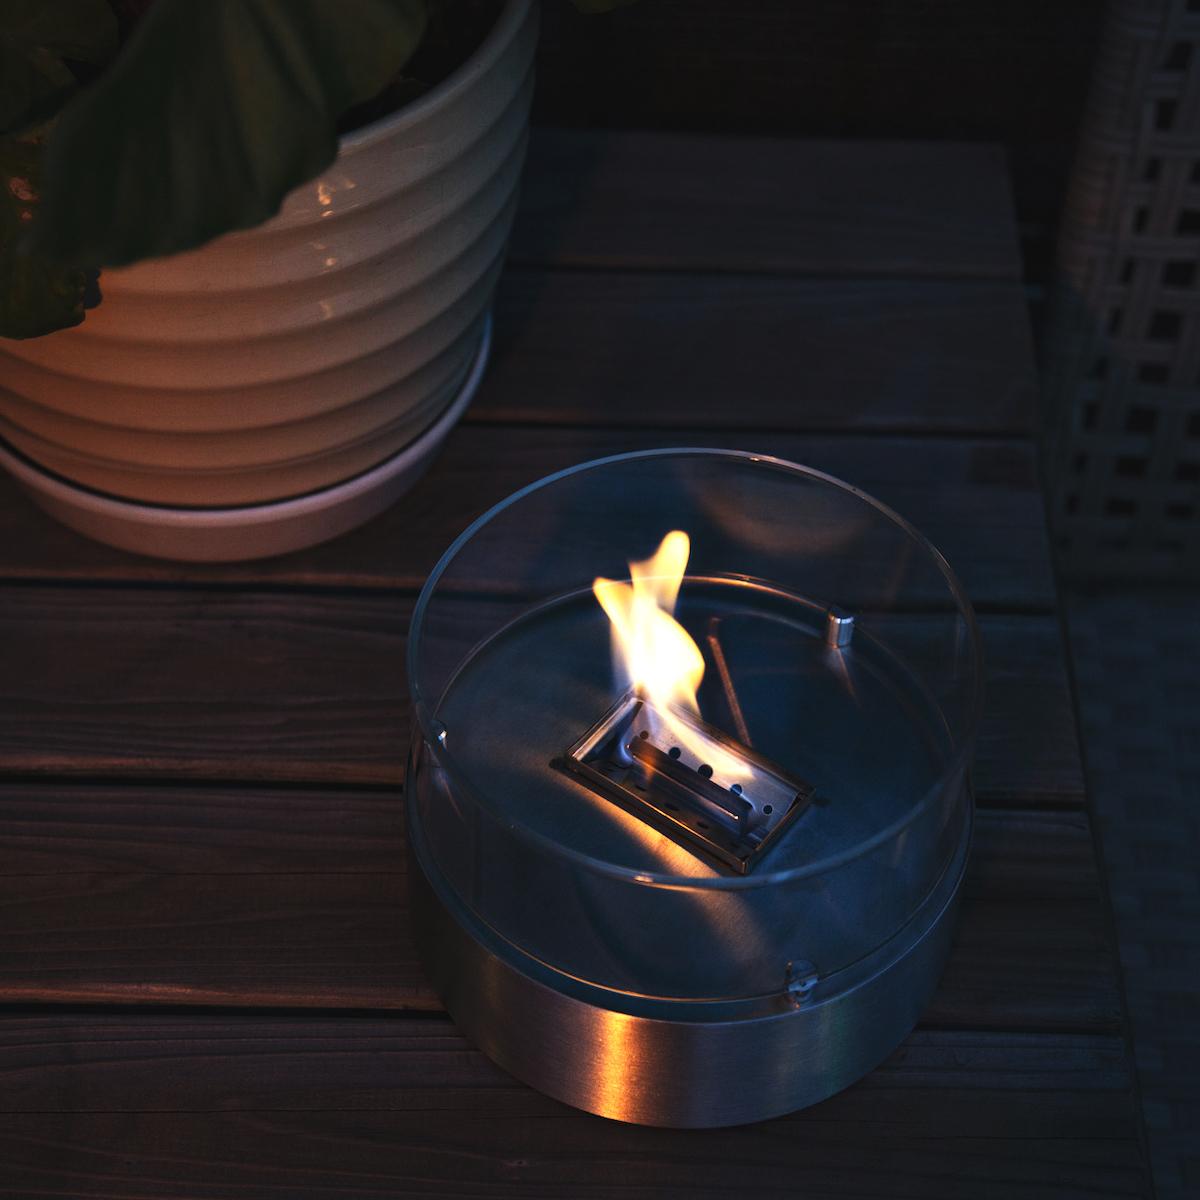 おうちのテーブルで焚き火。煙が出ない、倒しても安心の専用燃料付きの「オイルランプ」|TENDER FLAME(テンダーフレーム)